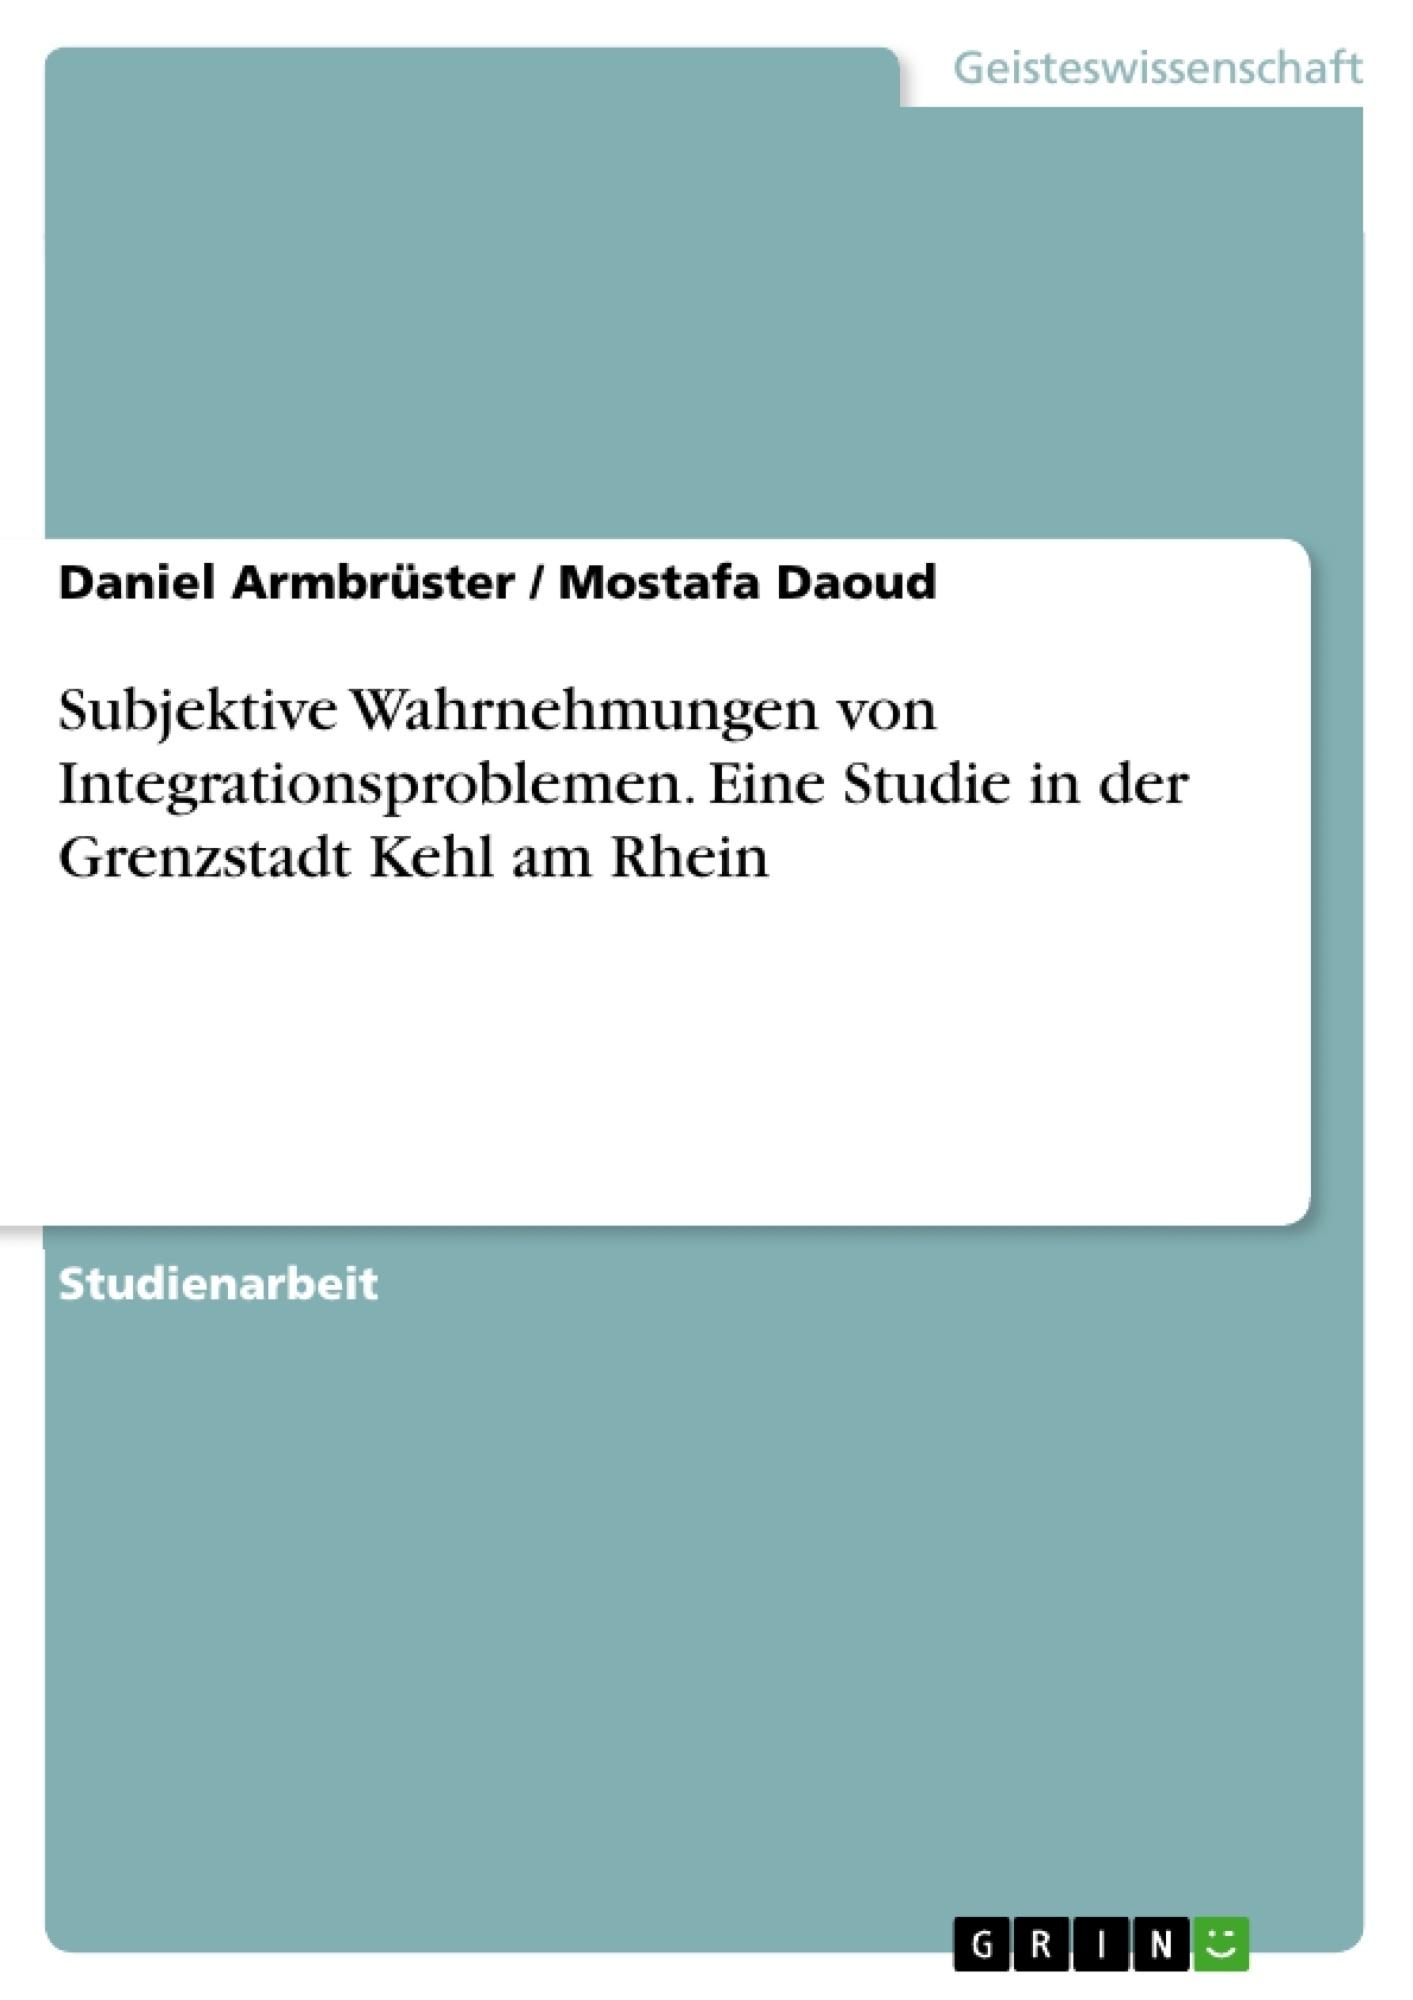 Titel: Subjektive Wahrnehmungen von Integrationsproblemen. Eine Studie in der Grenzstadt Kehl am Rhein